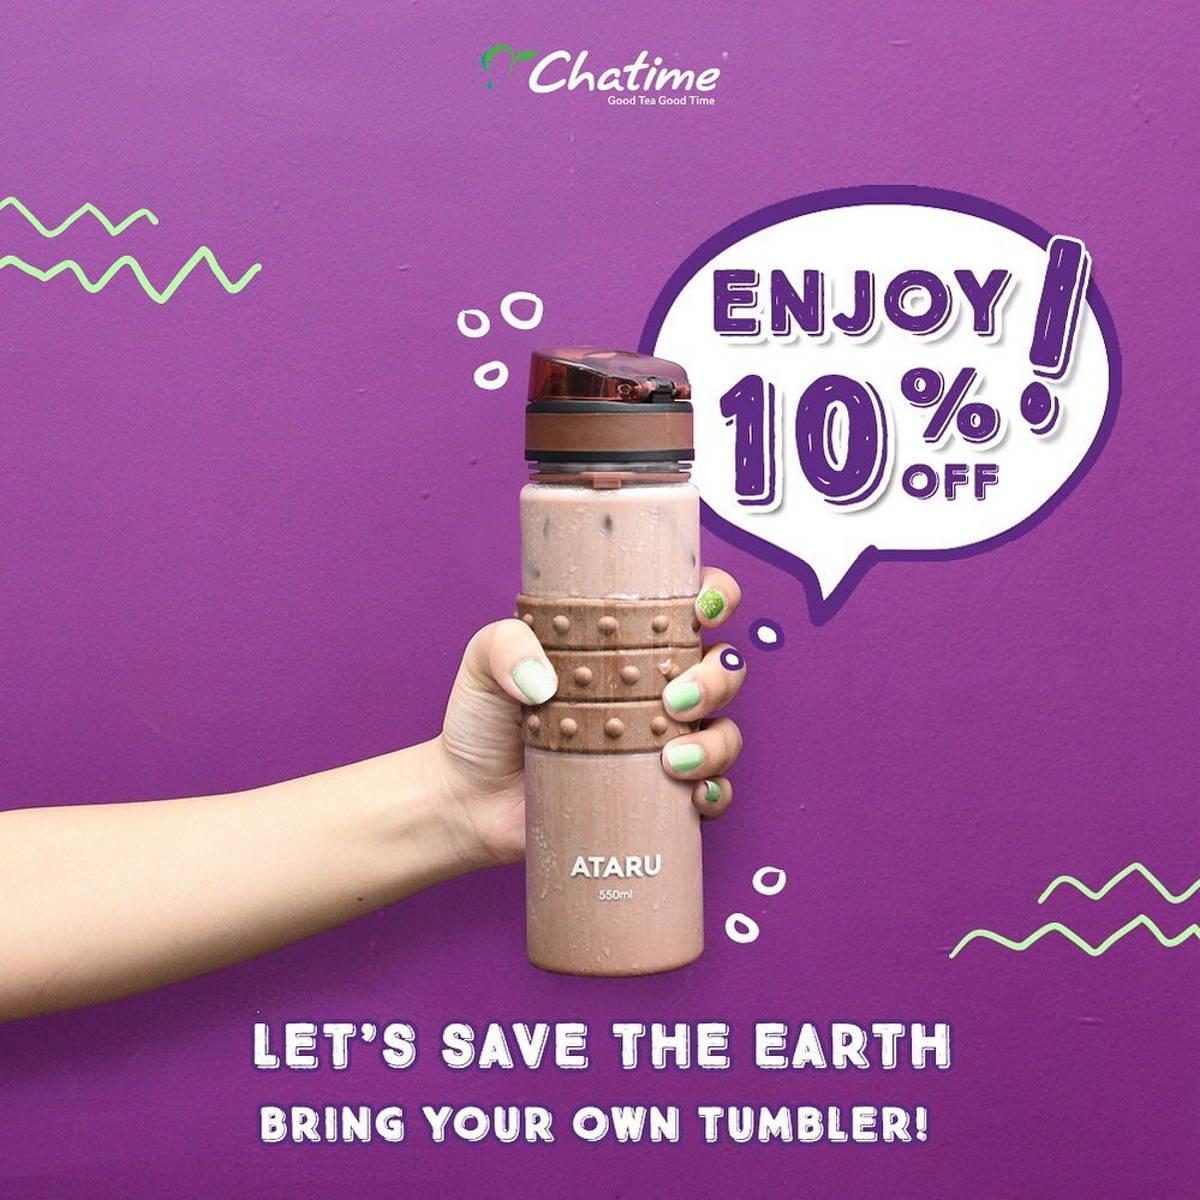 Katalog Promo: Chatime: PROMO DISKON 10%dengan membawa Tumbler di Chatime untuk mengurangi cup plastik - 1